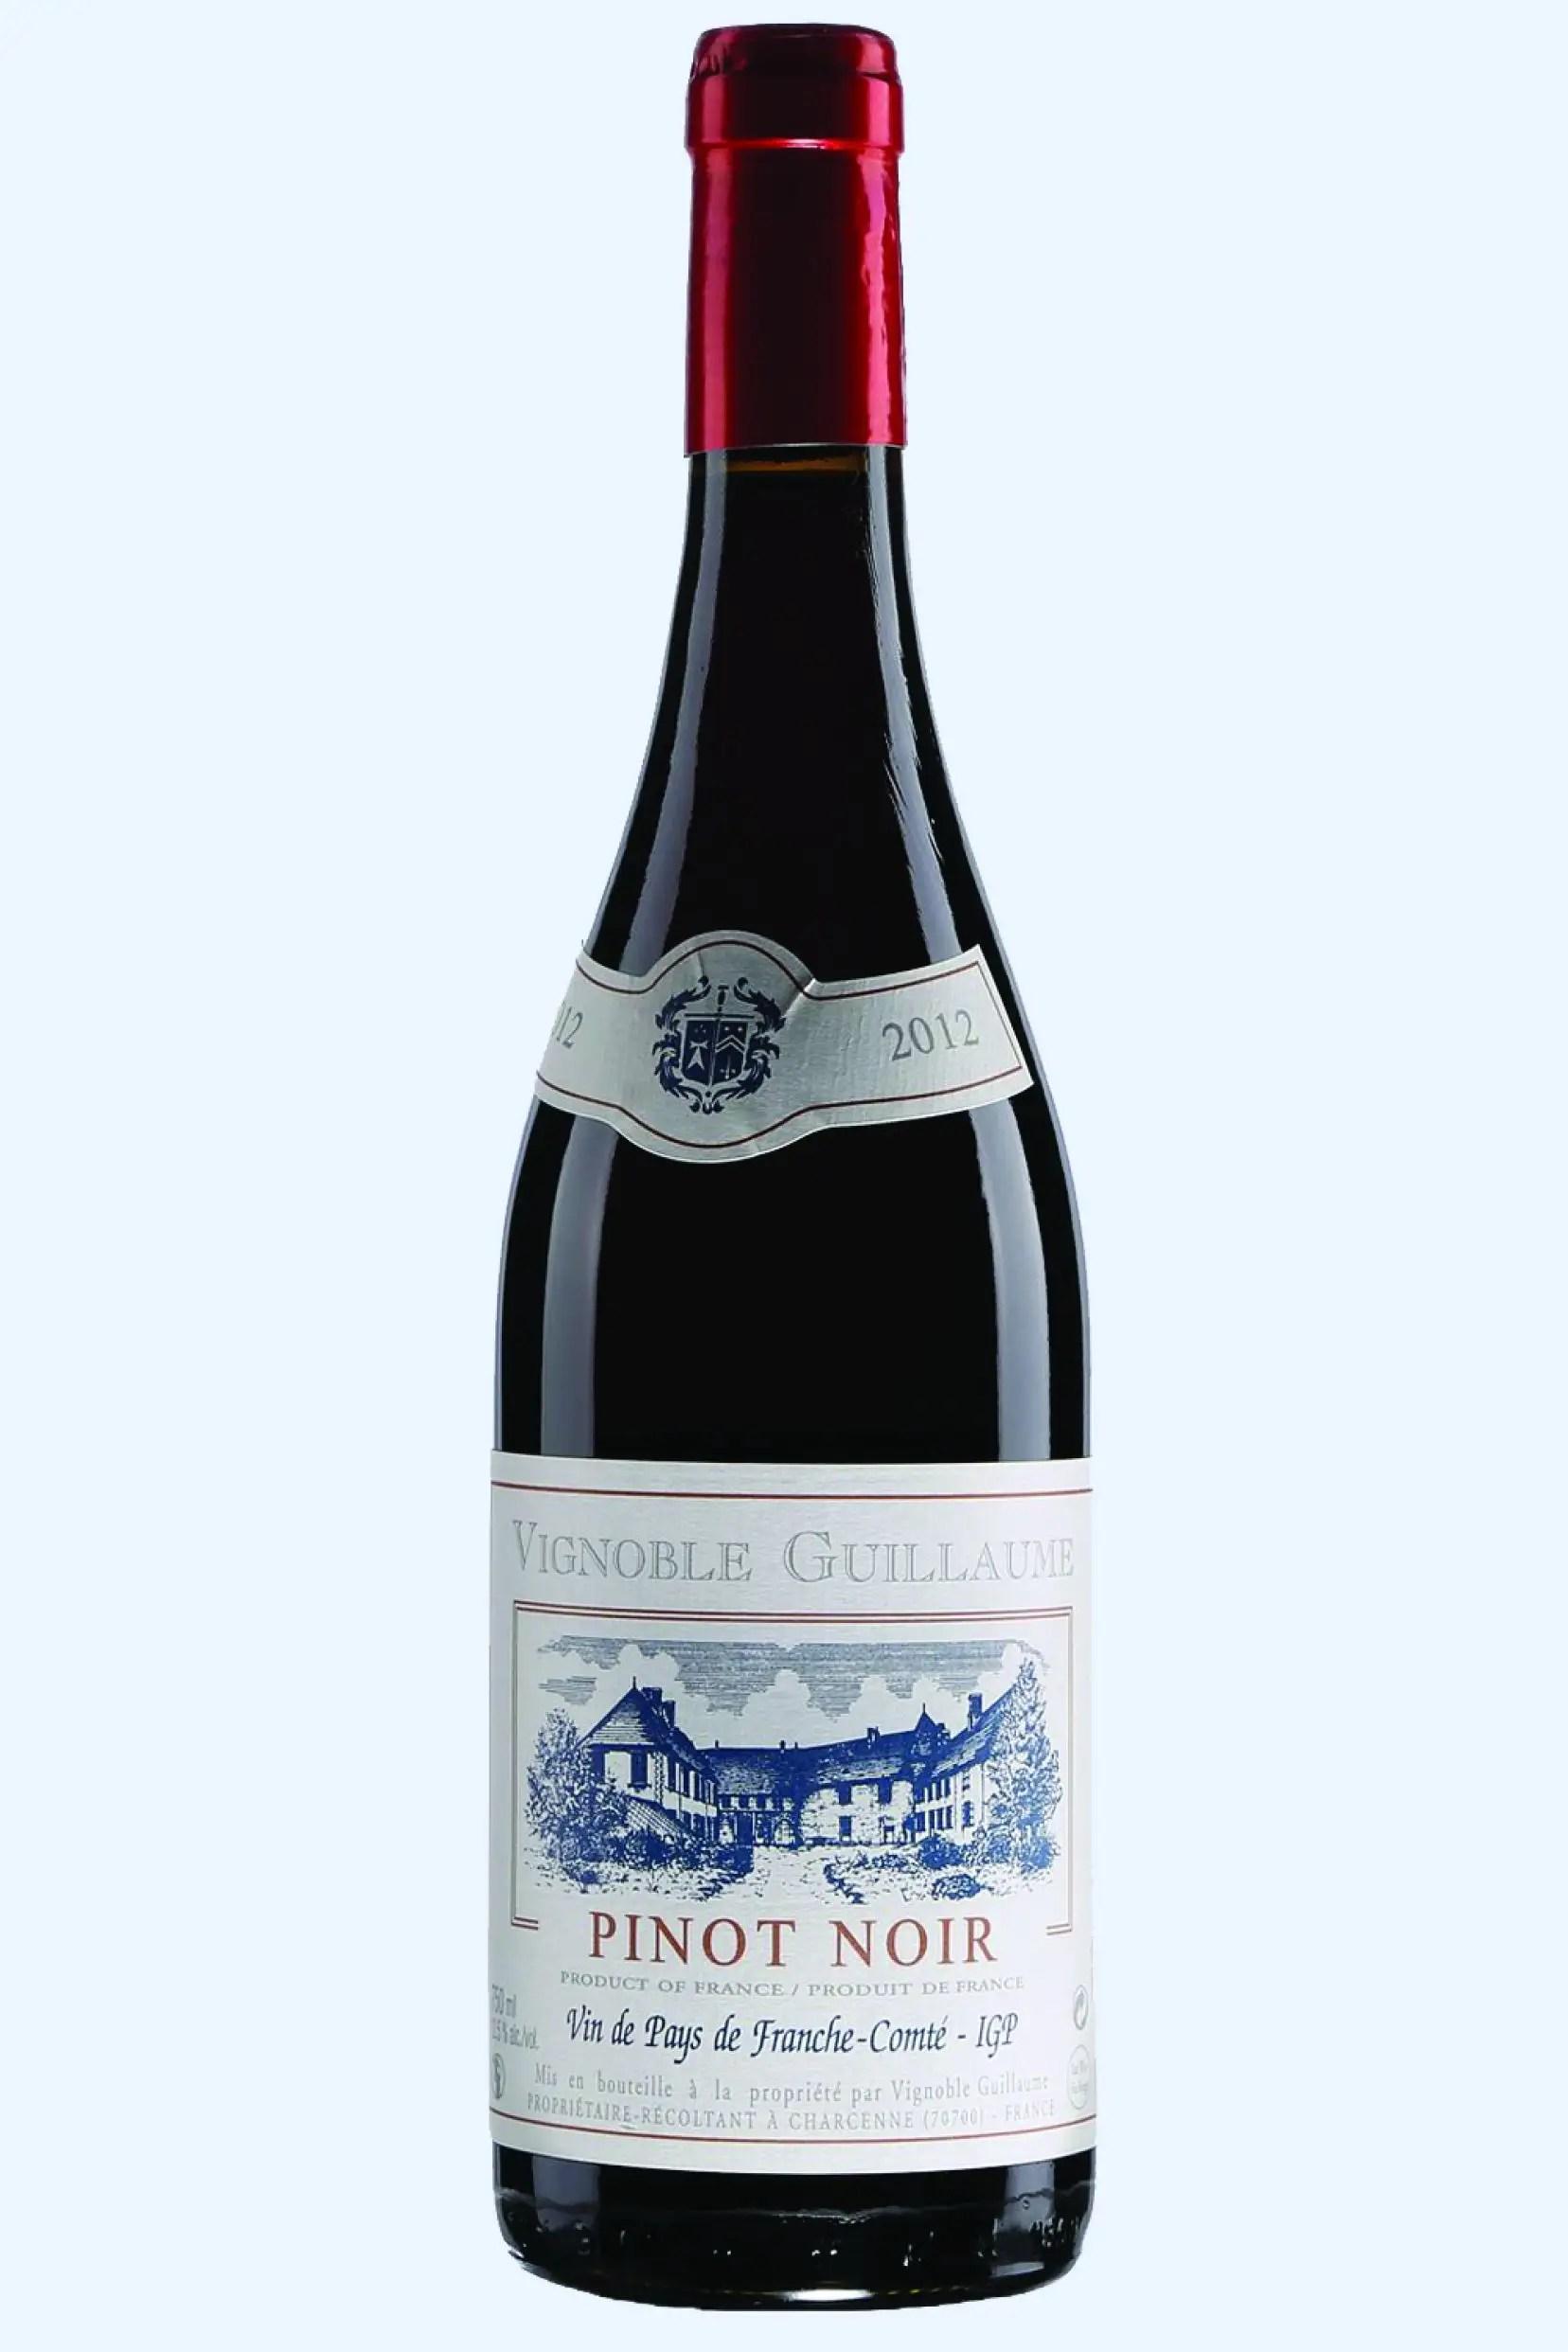 Bouilles De Vignerons Mots Croisés : bouilles, vignerons, croisés, Pinot, 2017,, Vignoble, Guillaume,, Franche-, Comté,, France, Devoir